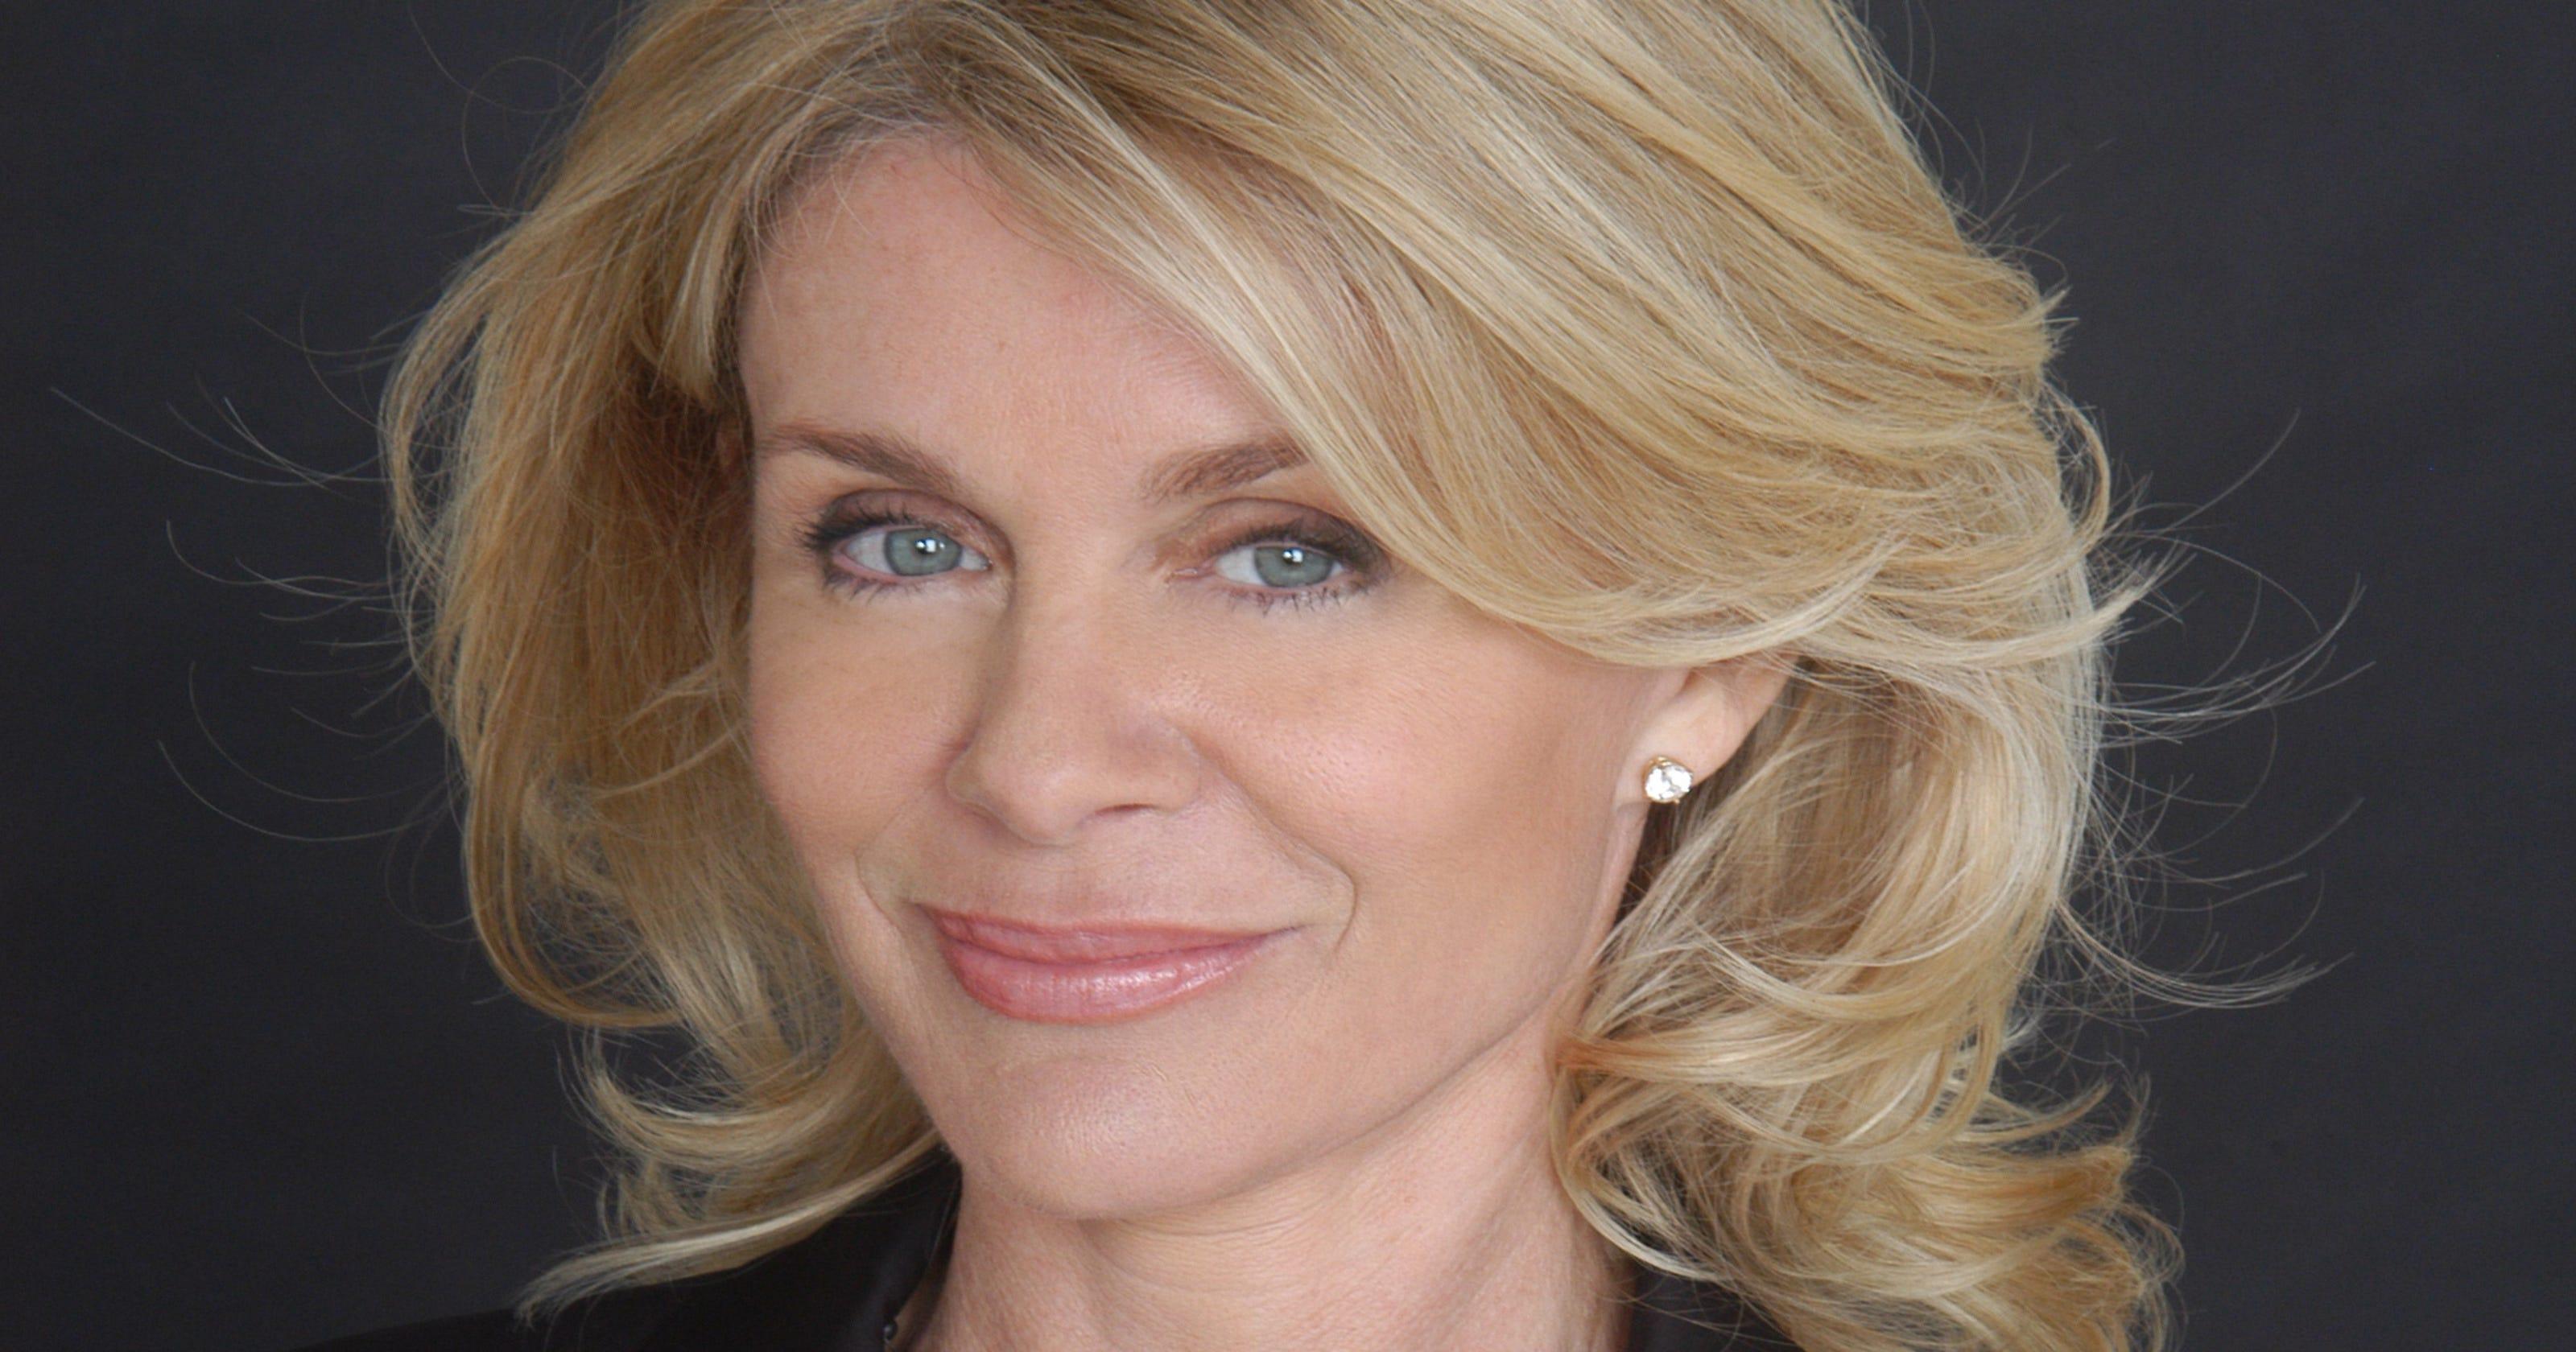 Denise DuBarry